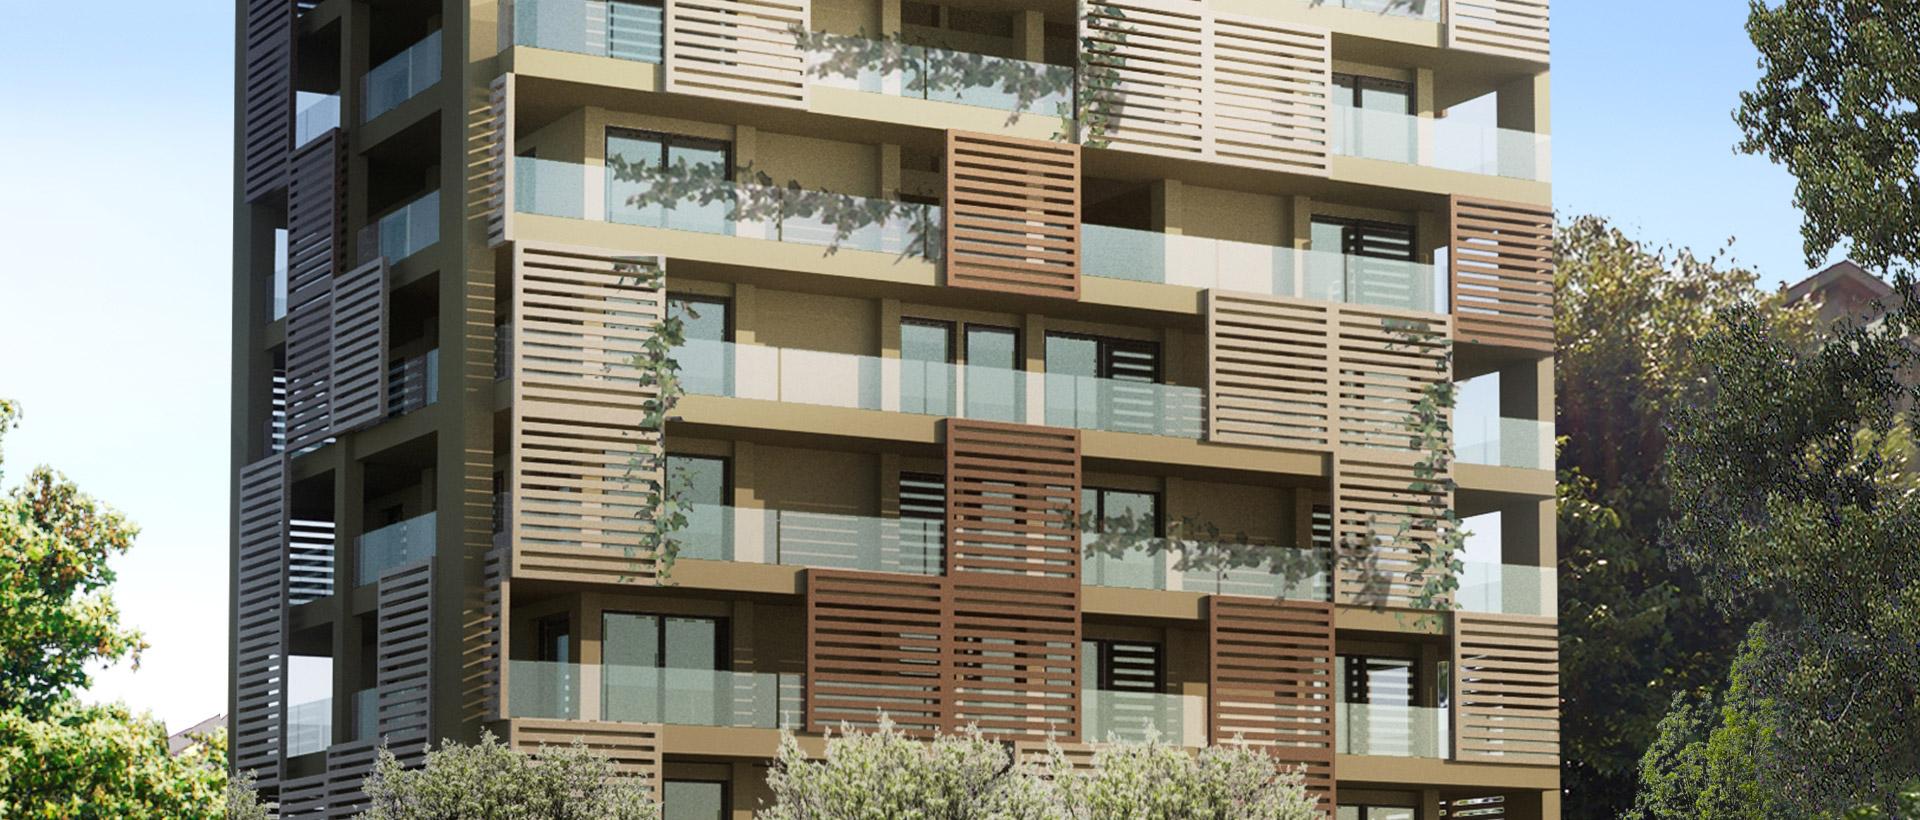 Vendita appartamenti milano for Appartamenti in vendita milano